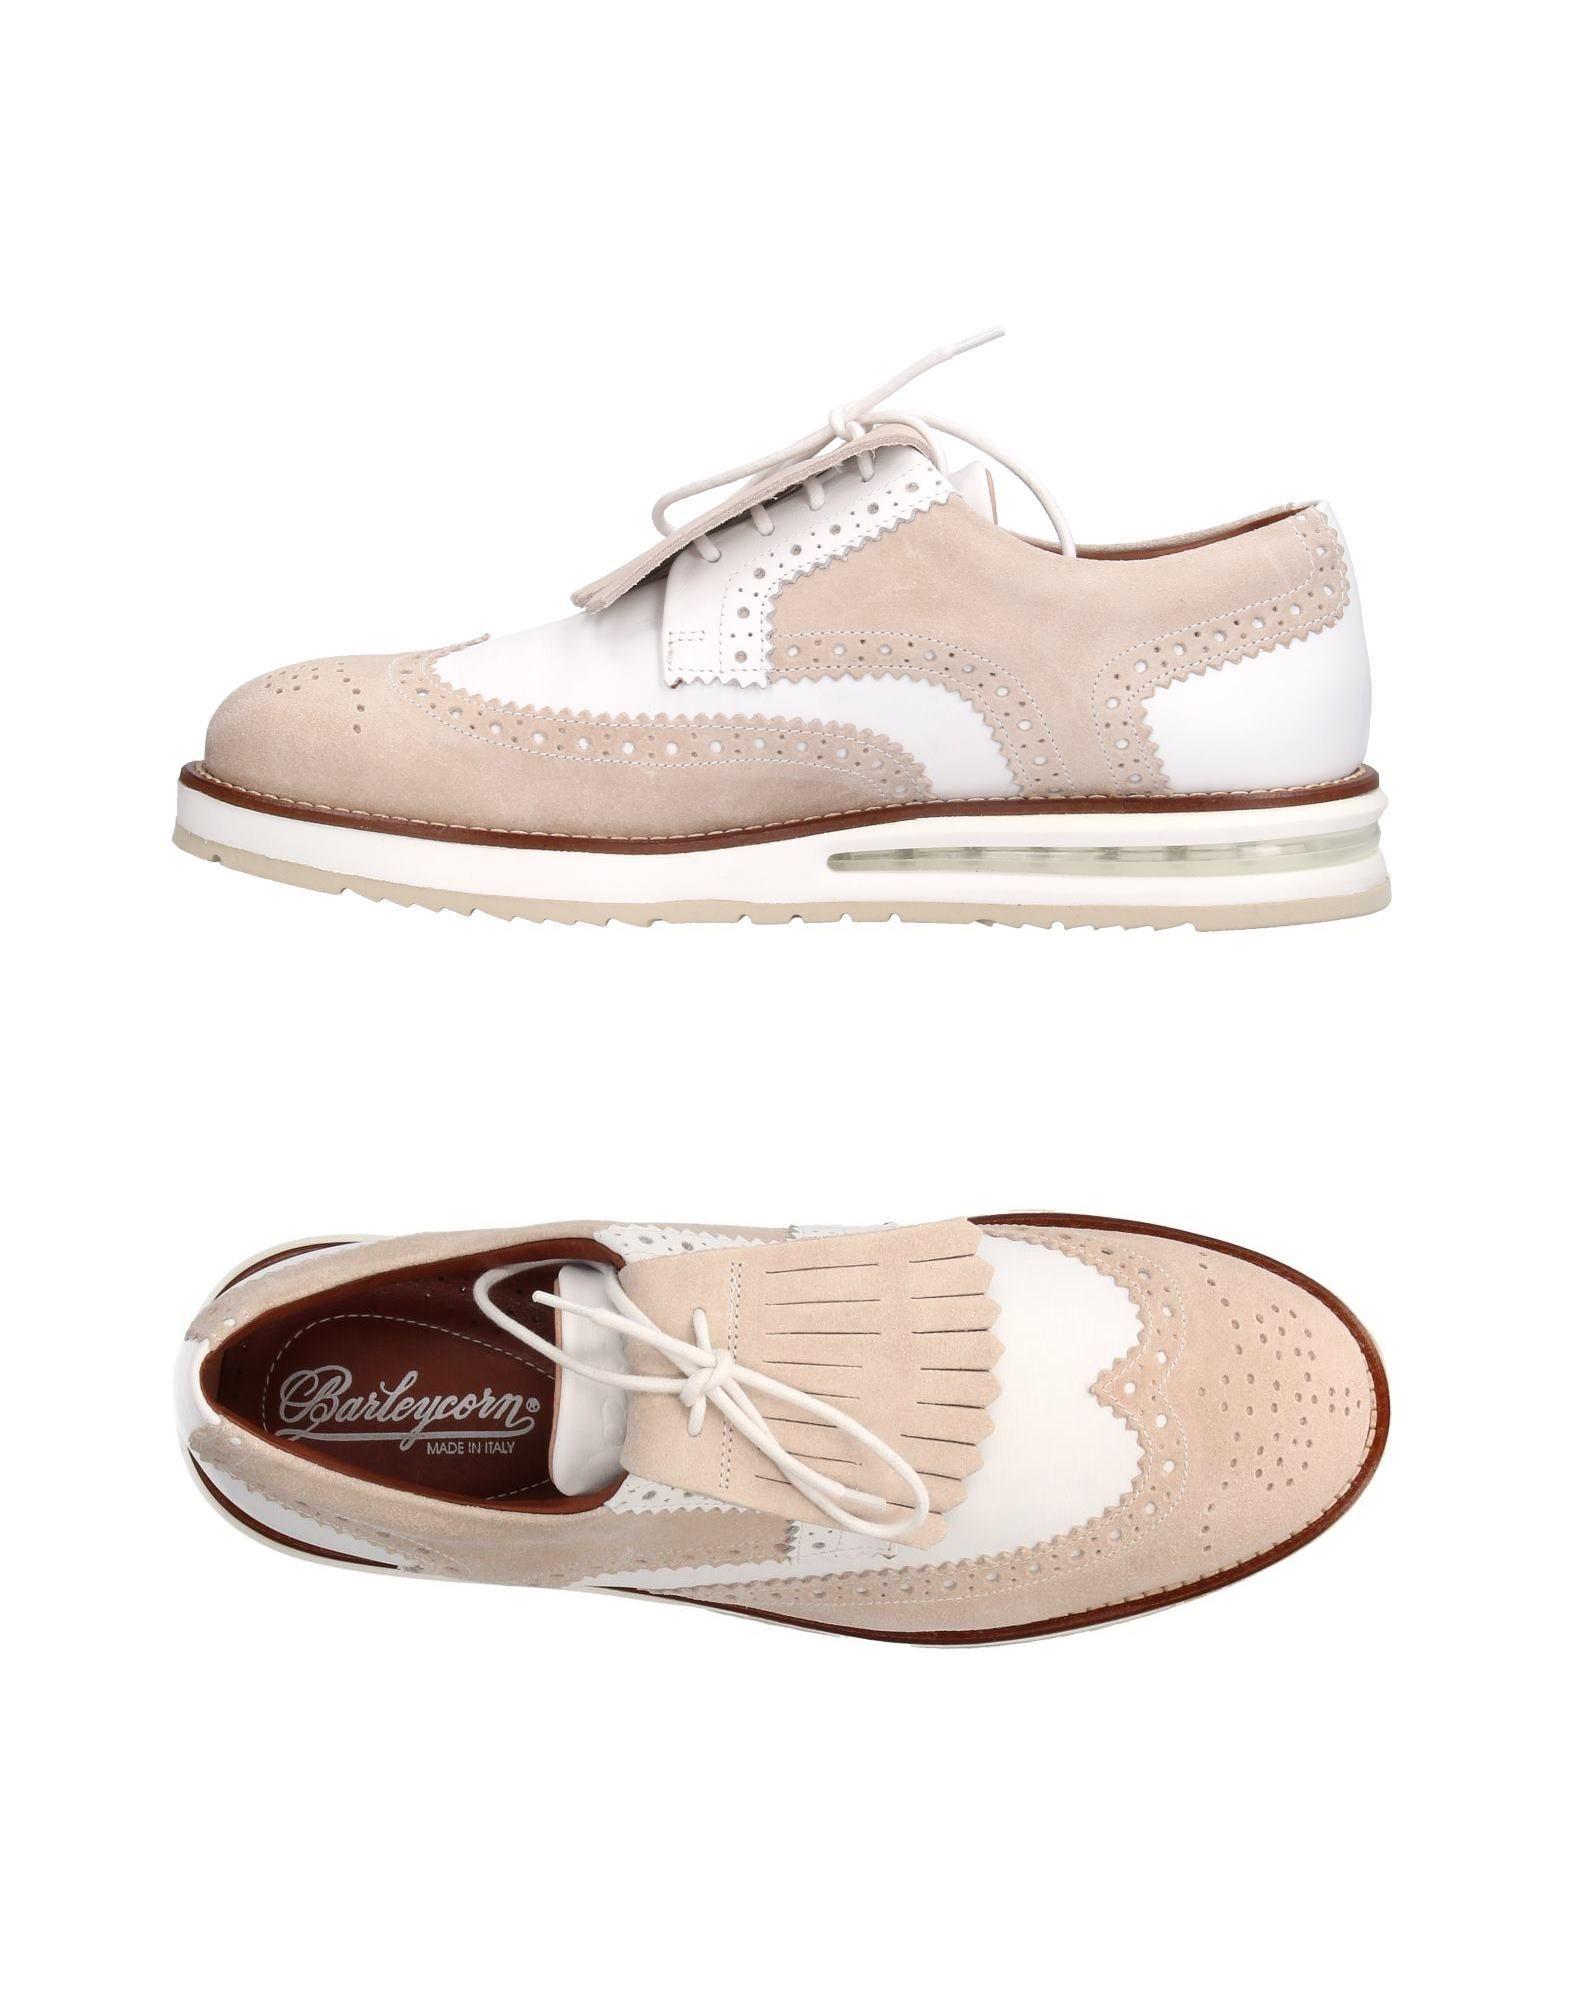 Günstige und modische Schuhe Barleycorn Schnürschuhe Herren  11198646UN